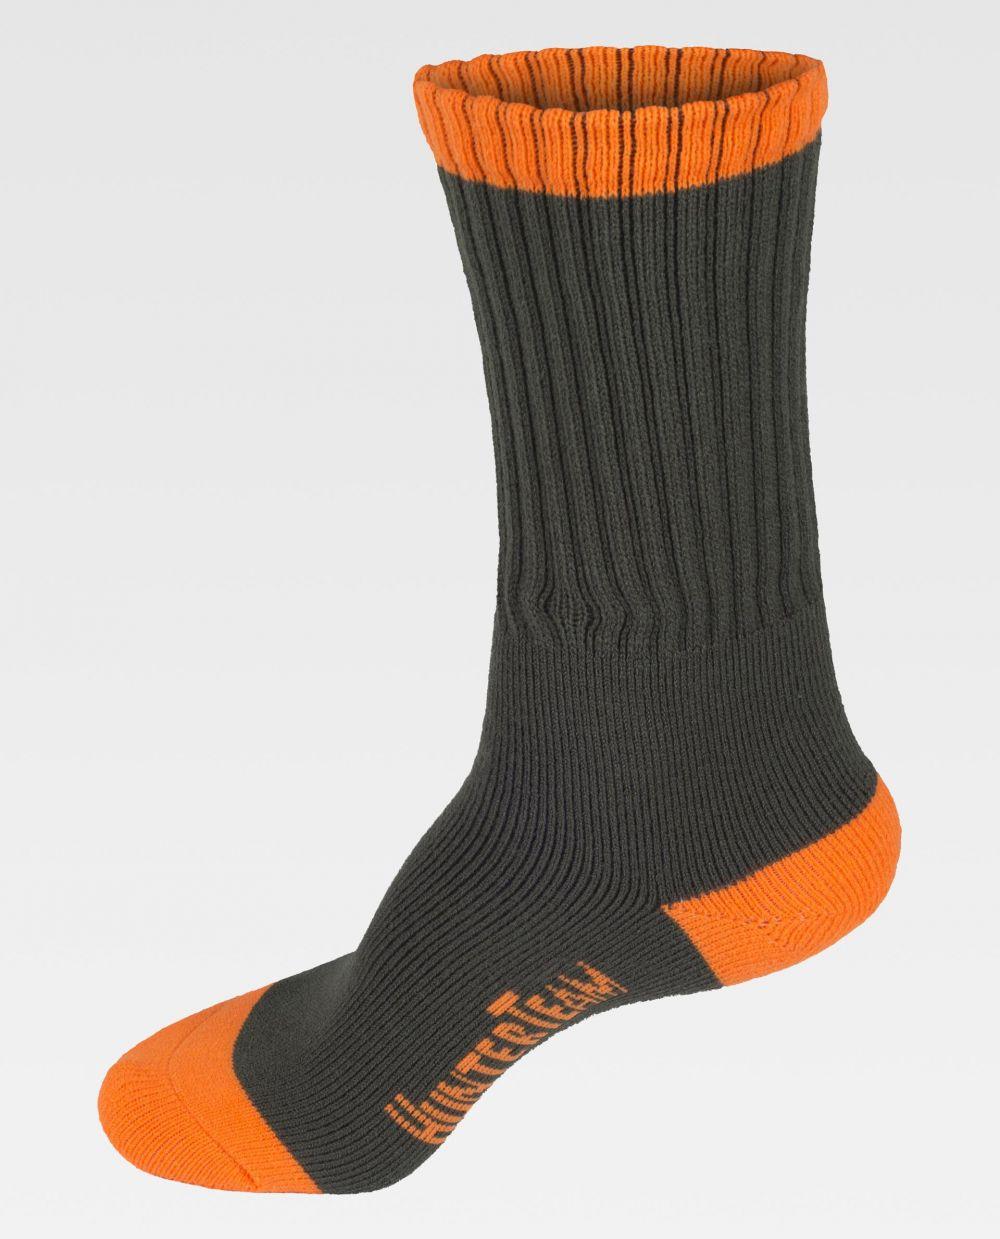 Complementos de industria workteam calcetines wfa022 de acrílico vista 2